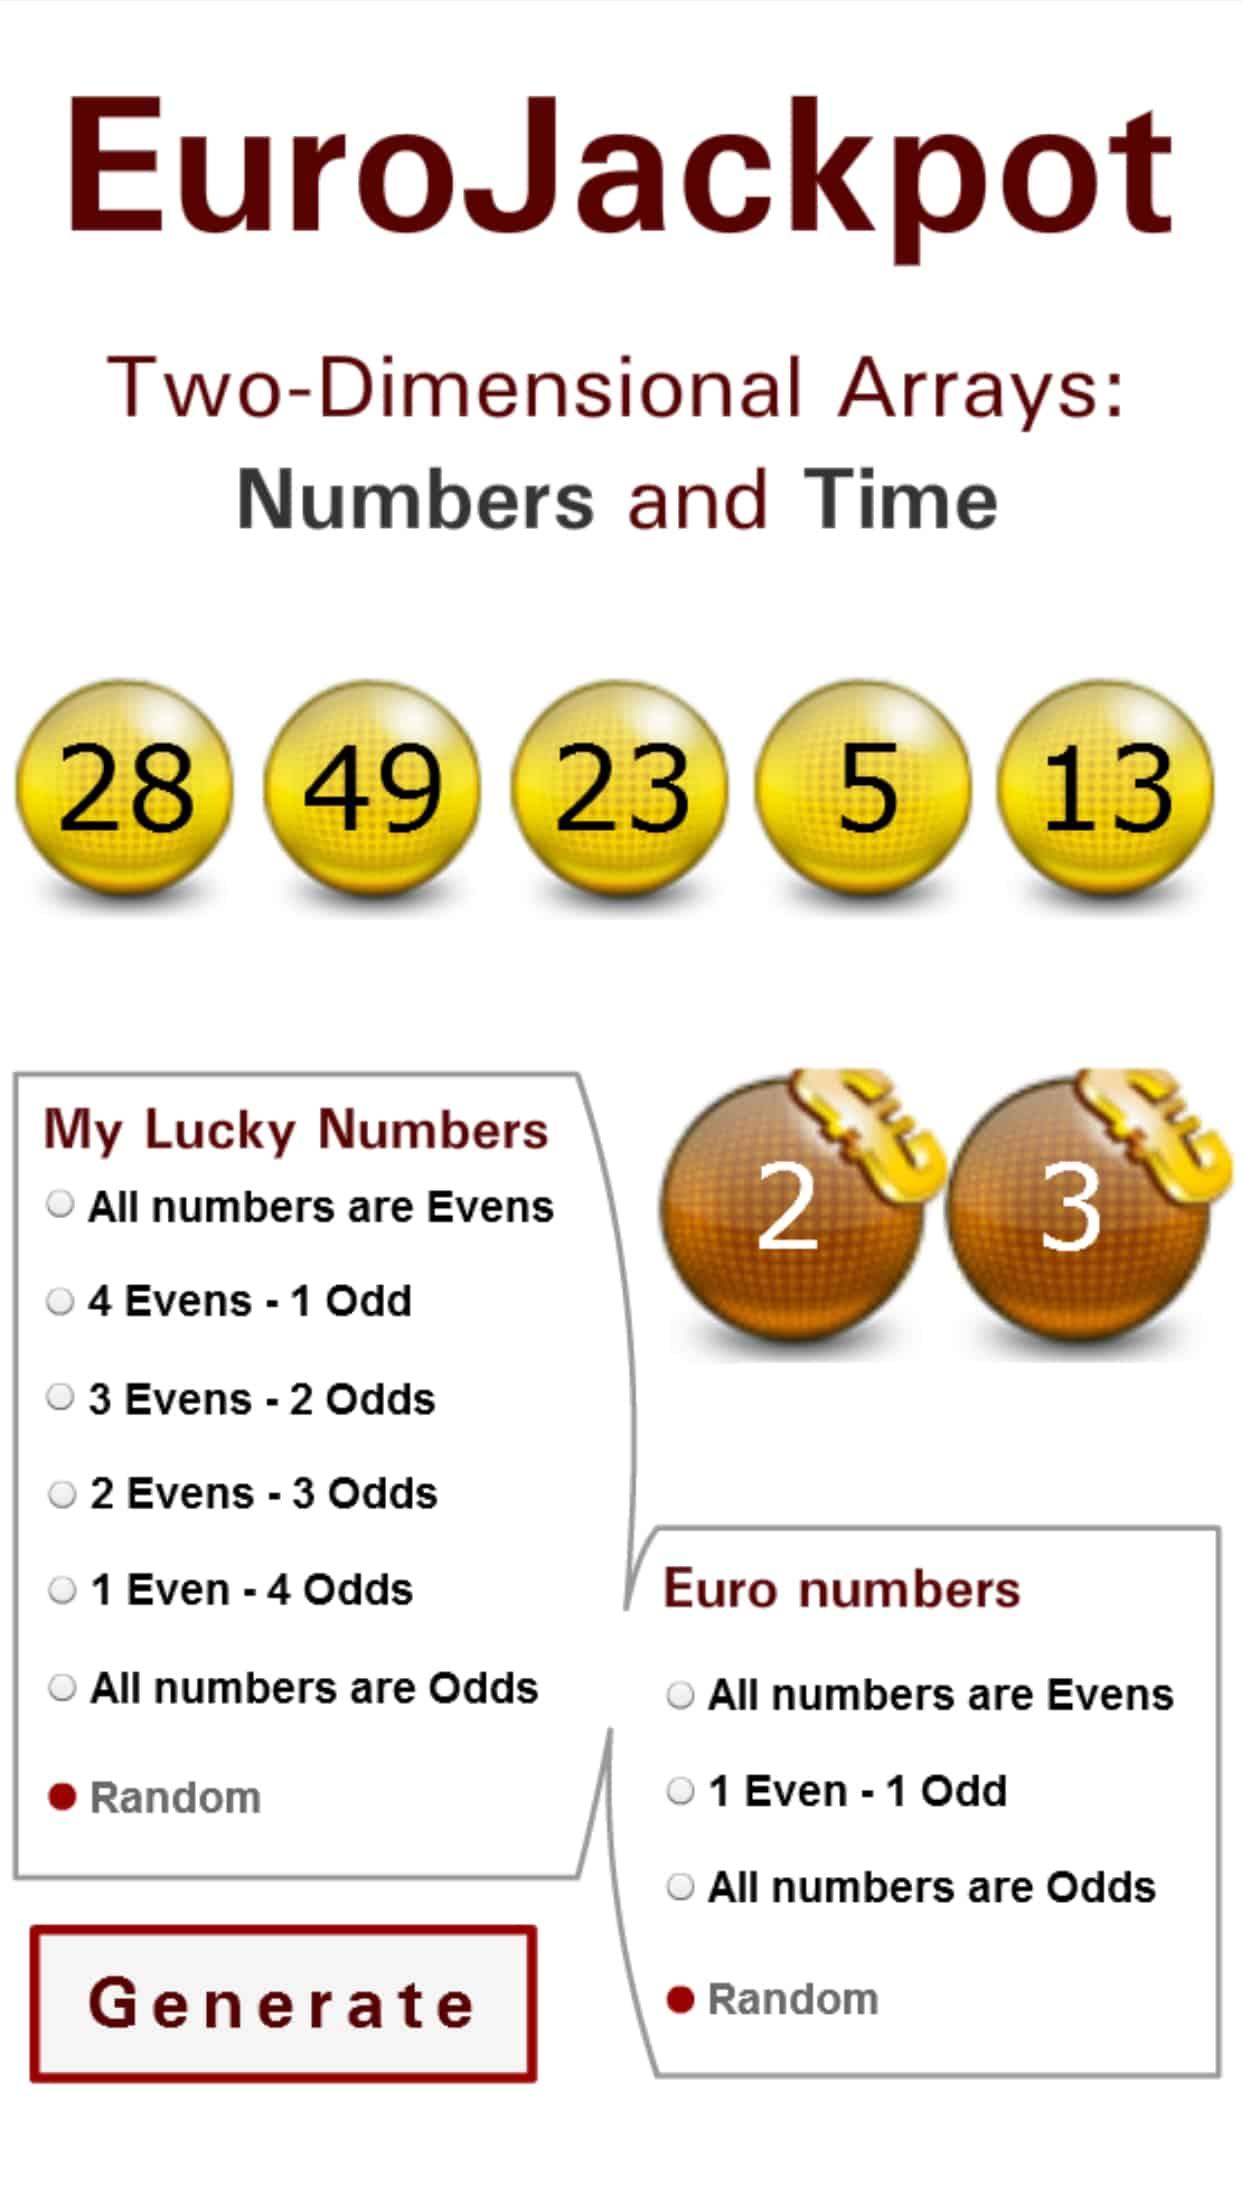 Prédiction du jackpot en euros grâce à l'analyse des tirages passés